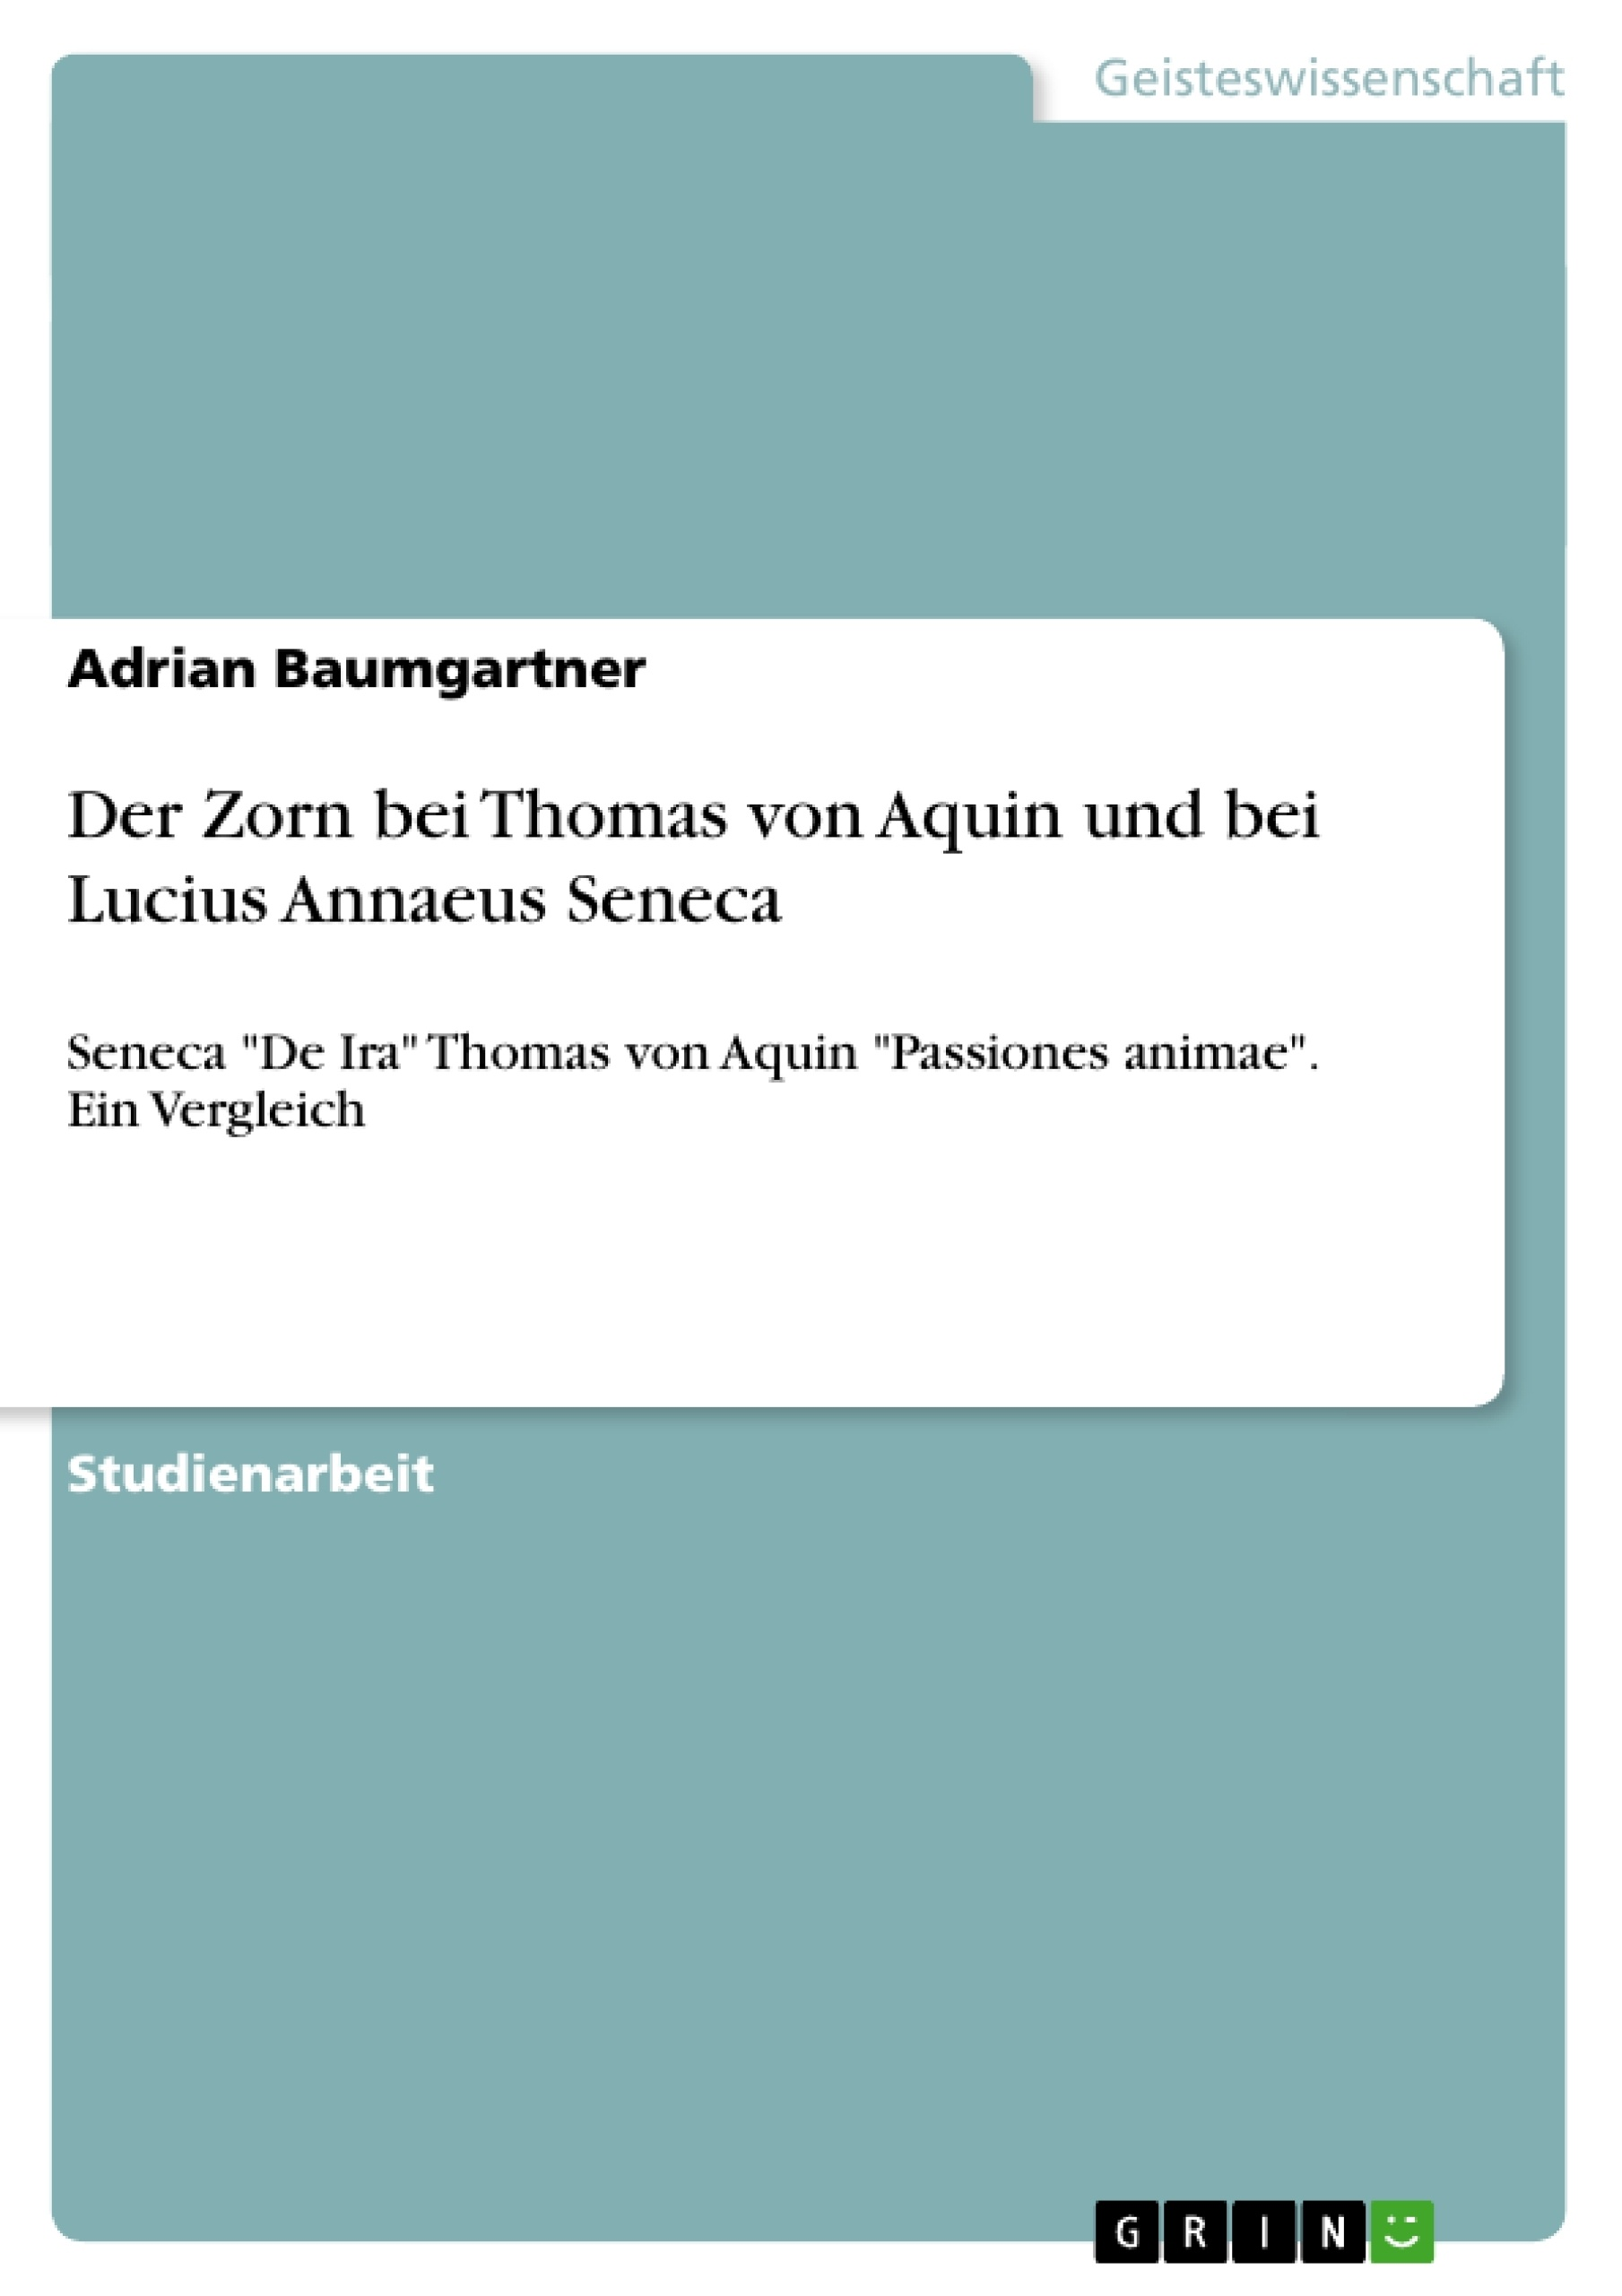 Titel: Der Zorn bei Thomas von Aquin und bei Lucius Annaeus Seneca